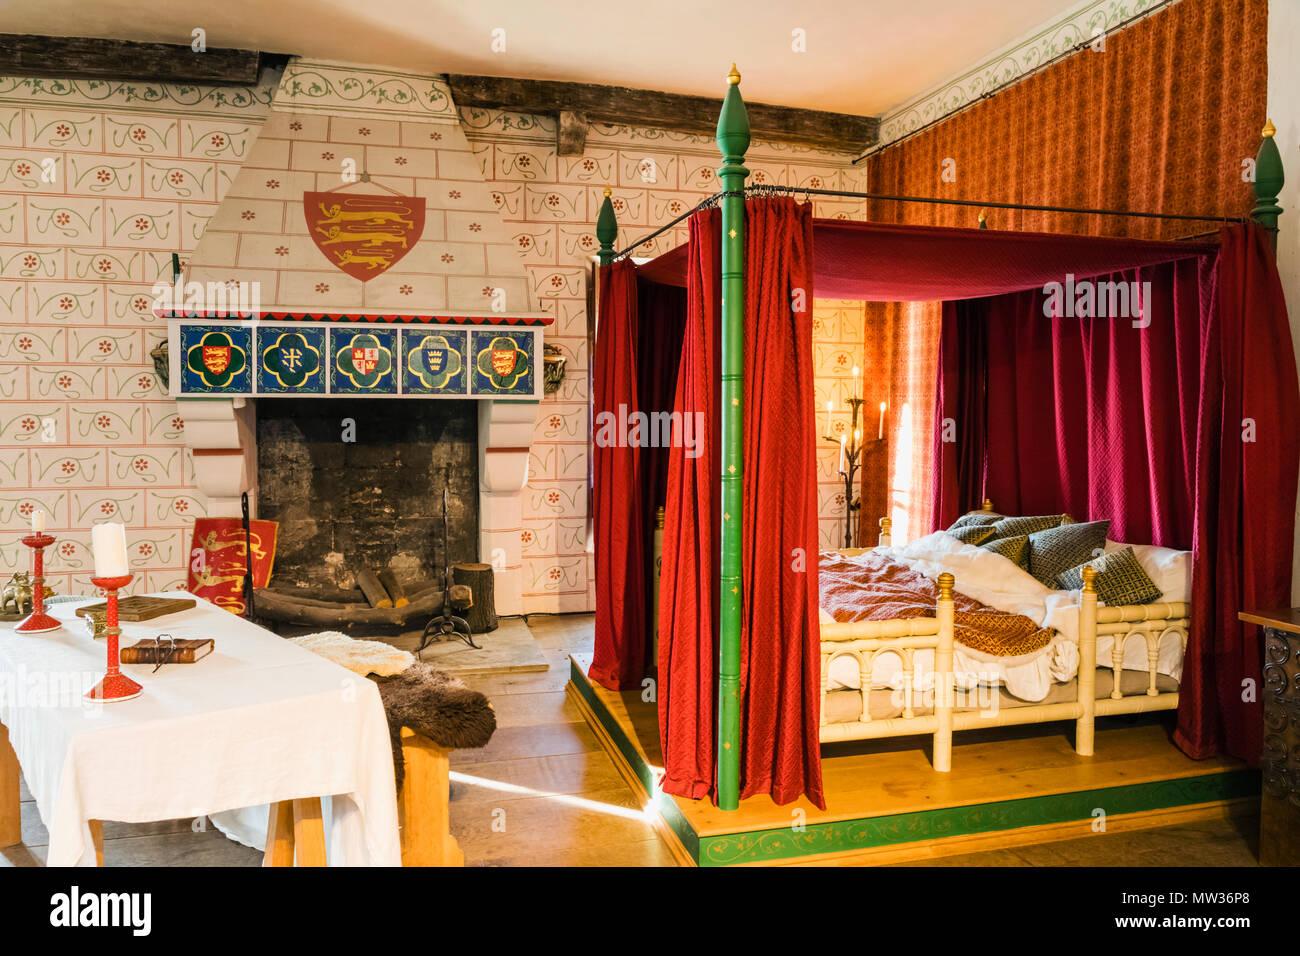 Camere Da Letto Medievali : Inghilterra londra torre di londra camera da letto nel palazzo